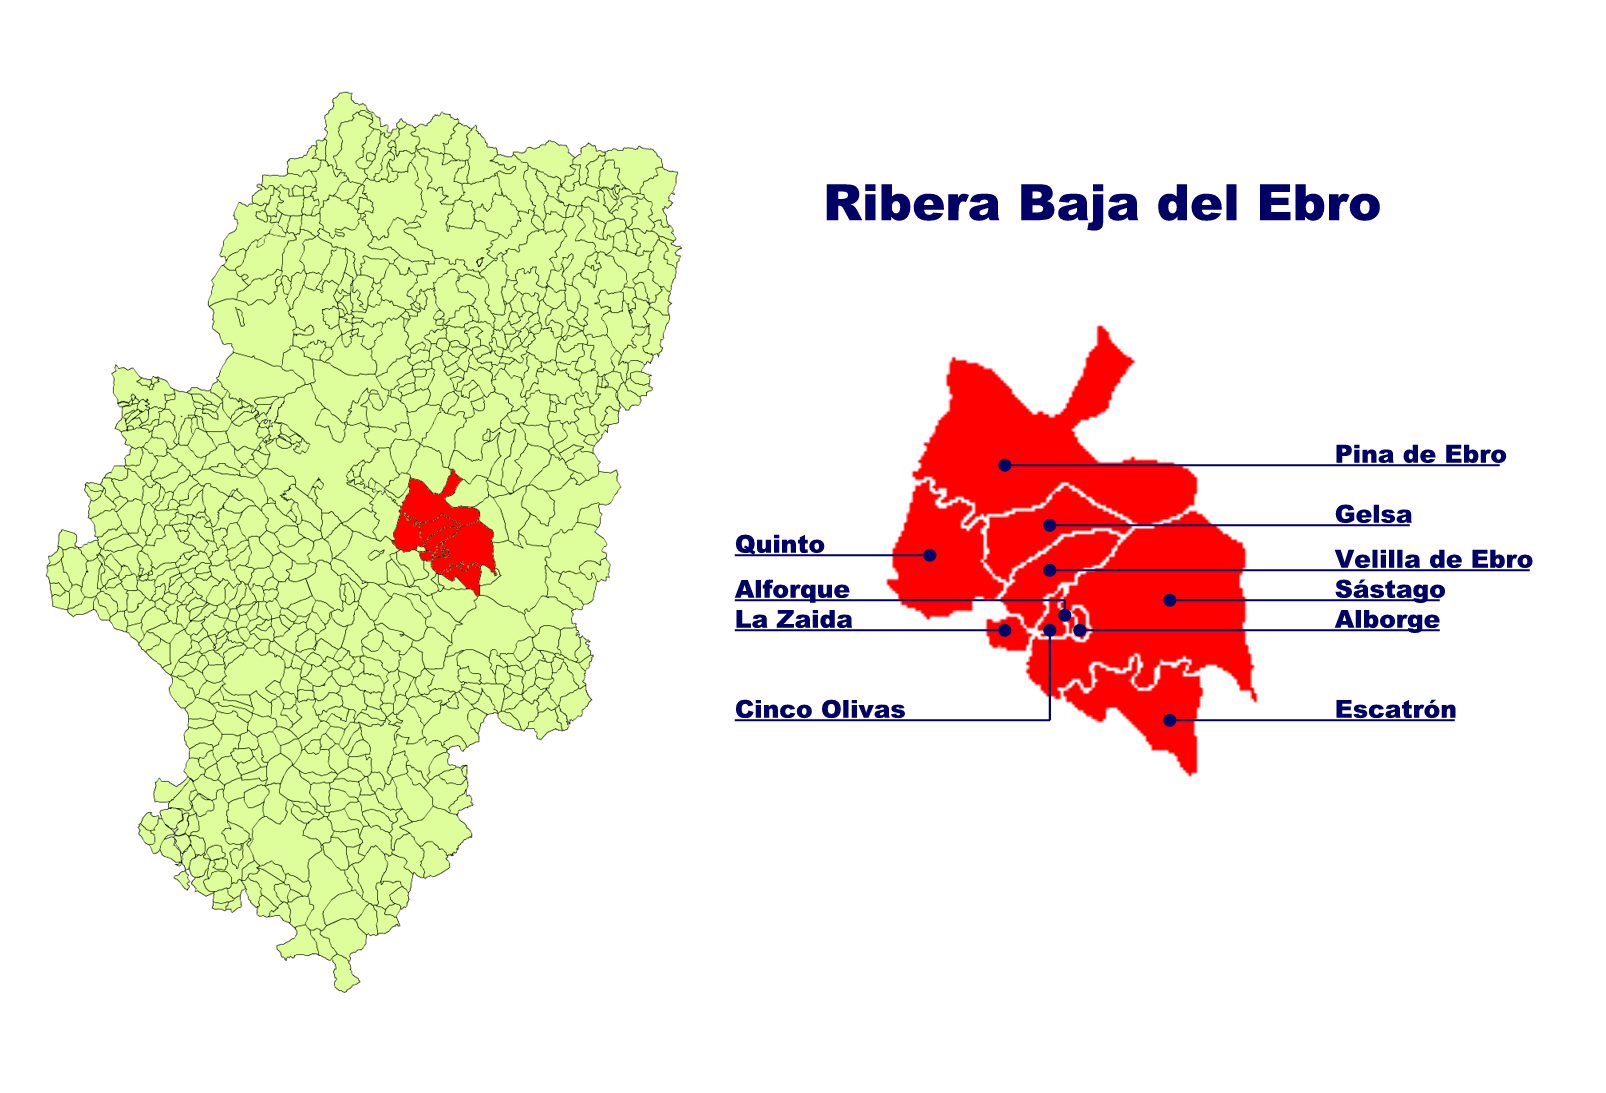 Depiction of Ribera Baja del Ebro